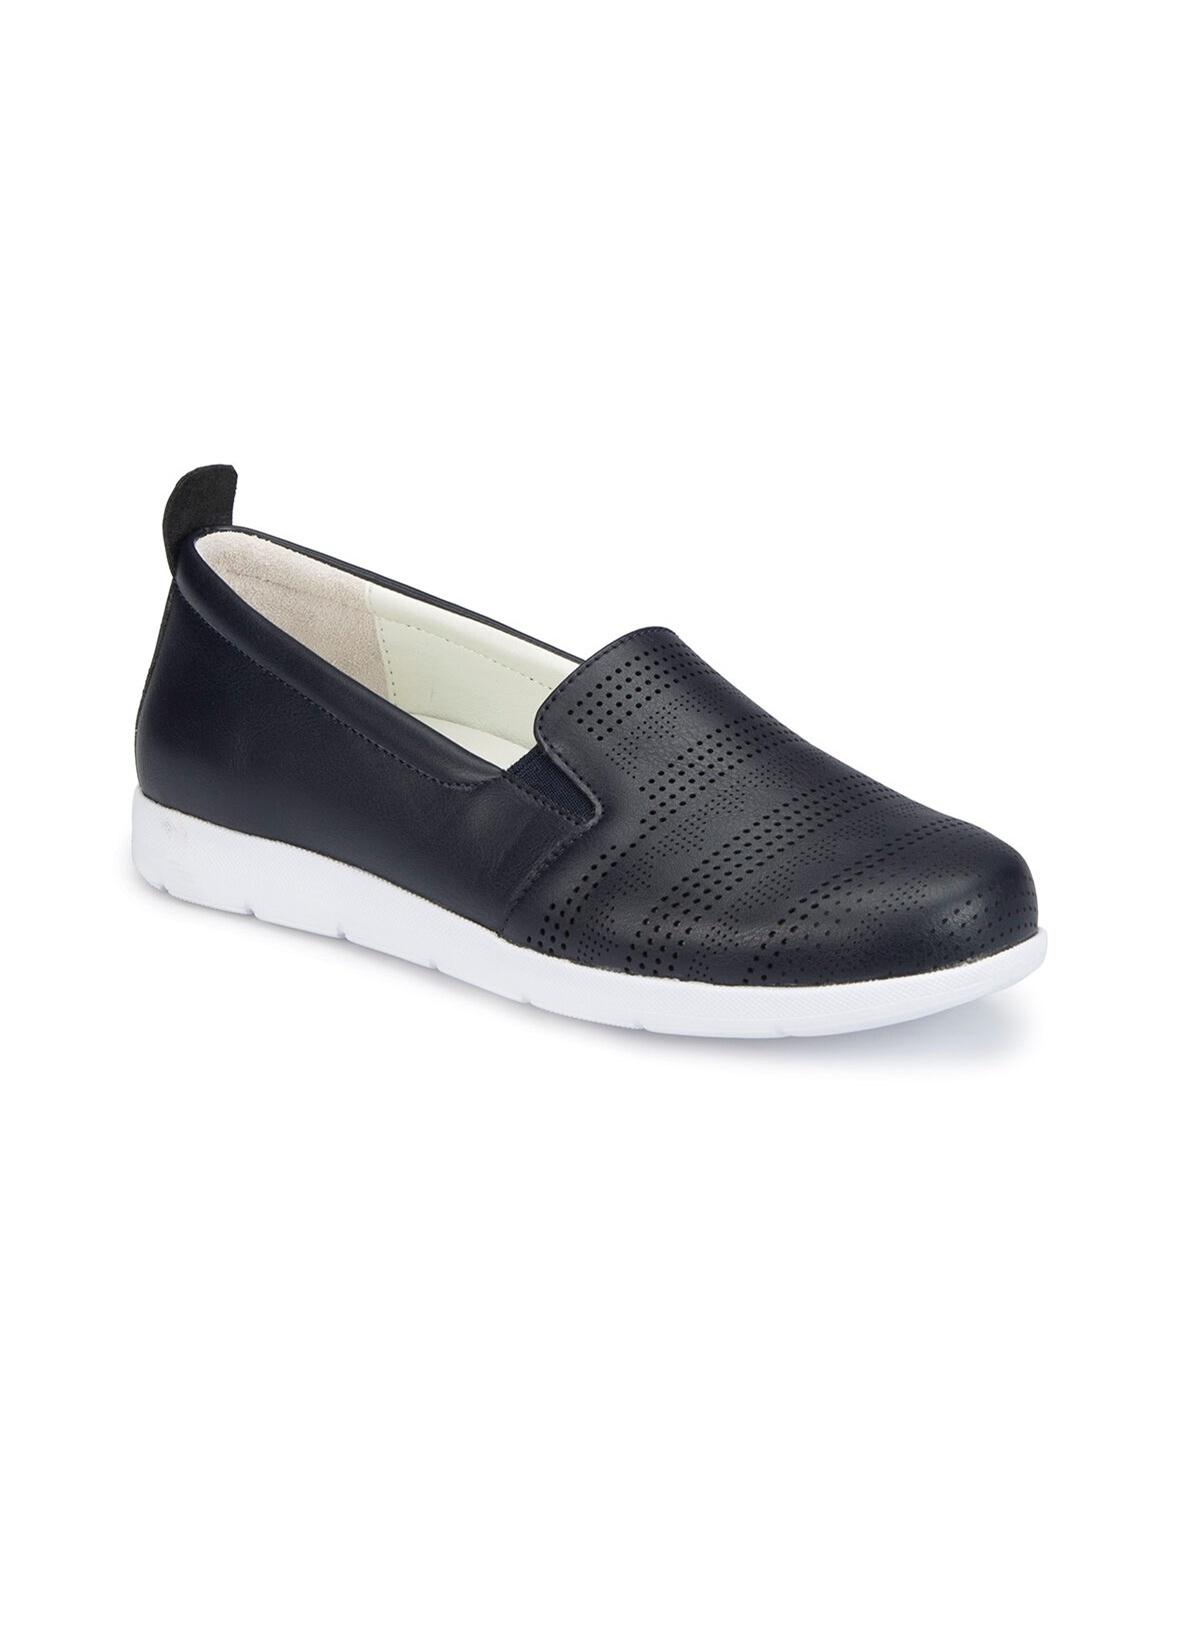 Polaris Ayakkabı 81.111280.z Basic Comfort – 59.99 TL